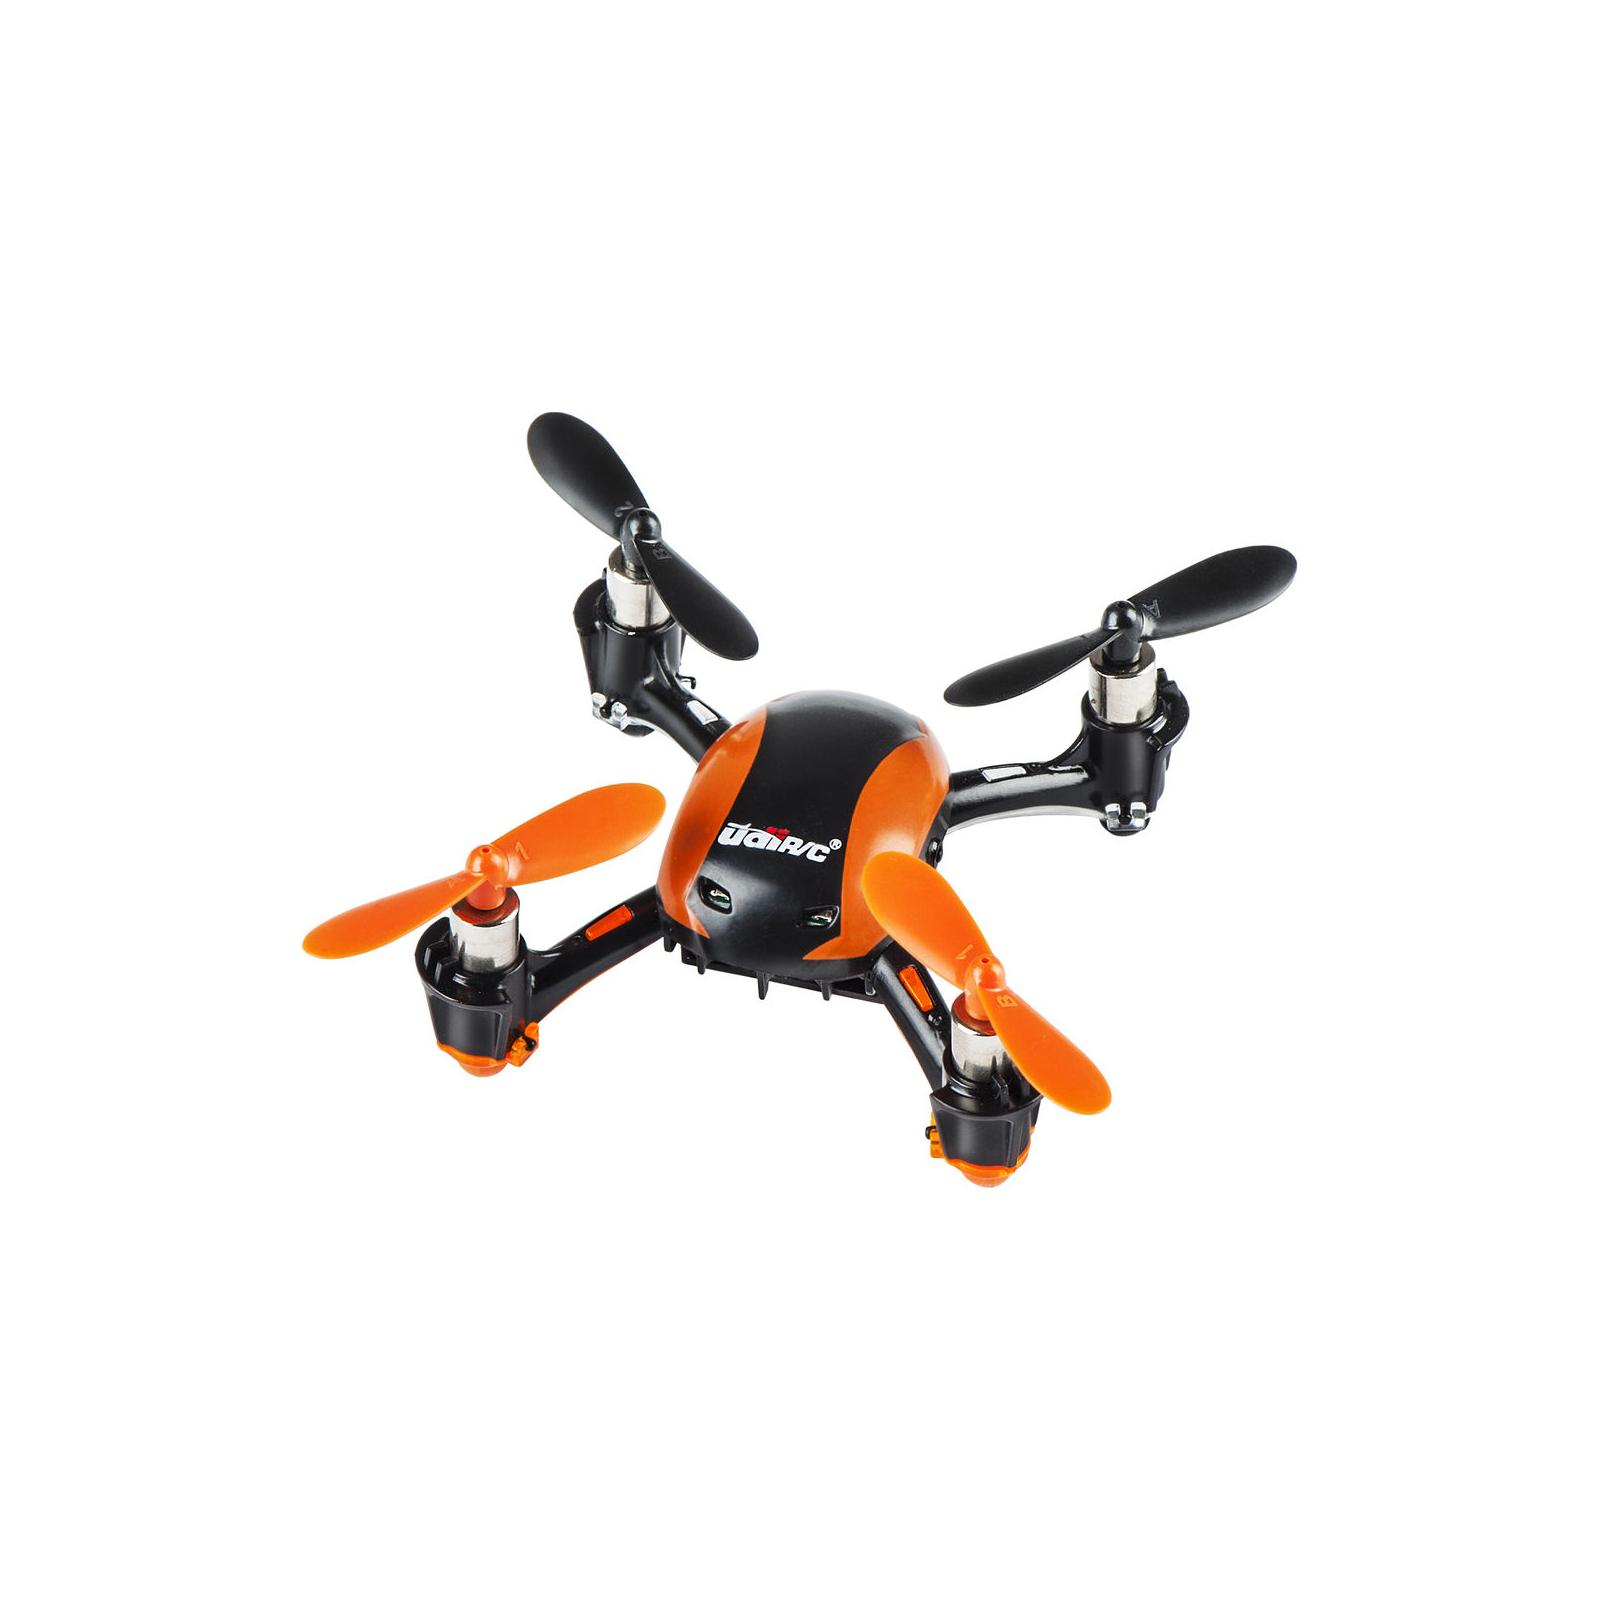 Квадрокоптер UDIRC U839 2,4 GHz 45 мм мини 4 CH встроенный гироскоп (U839 Orange) изображение 2